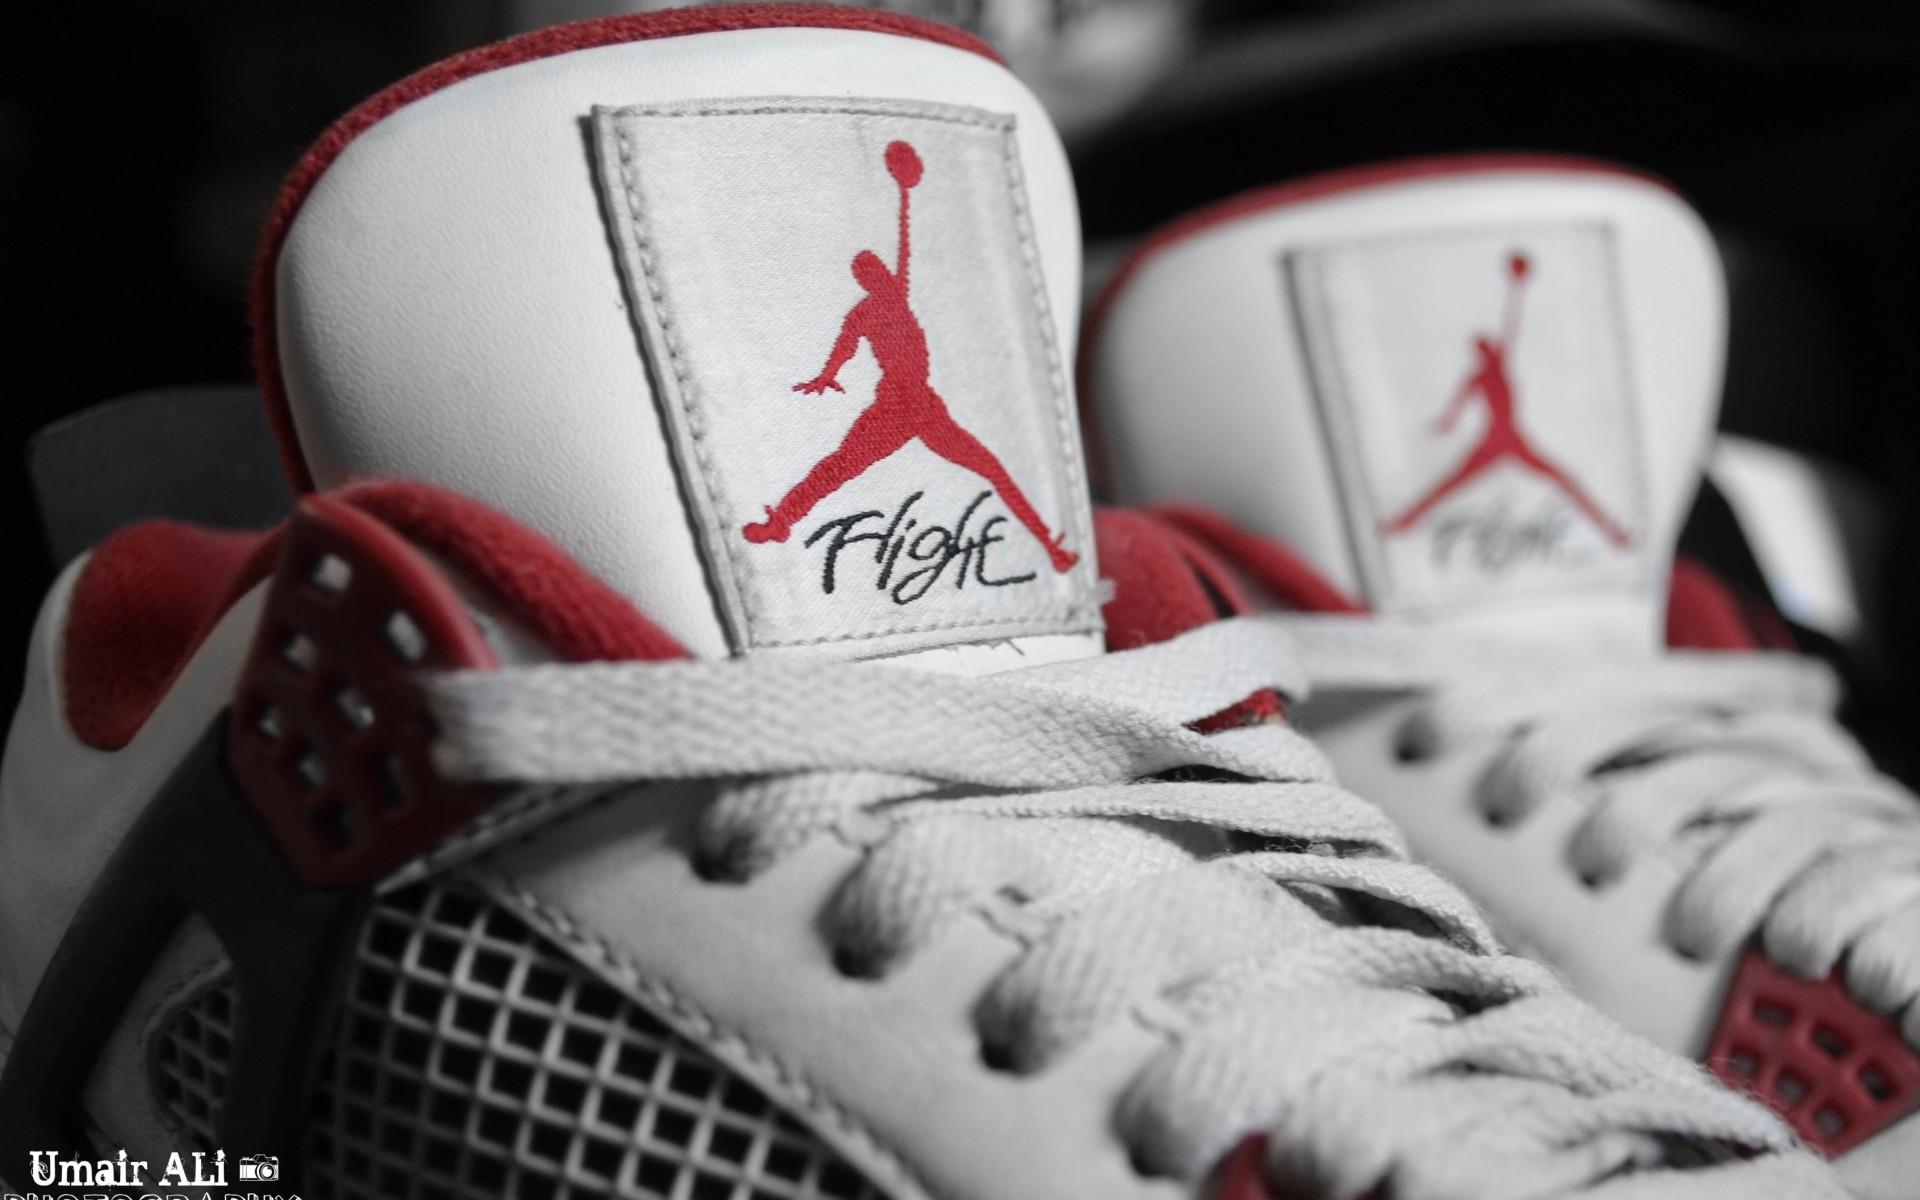 download free air jordan shoes wallpapers | pixelstalk